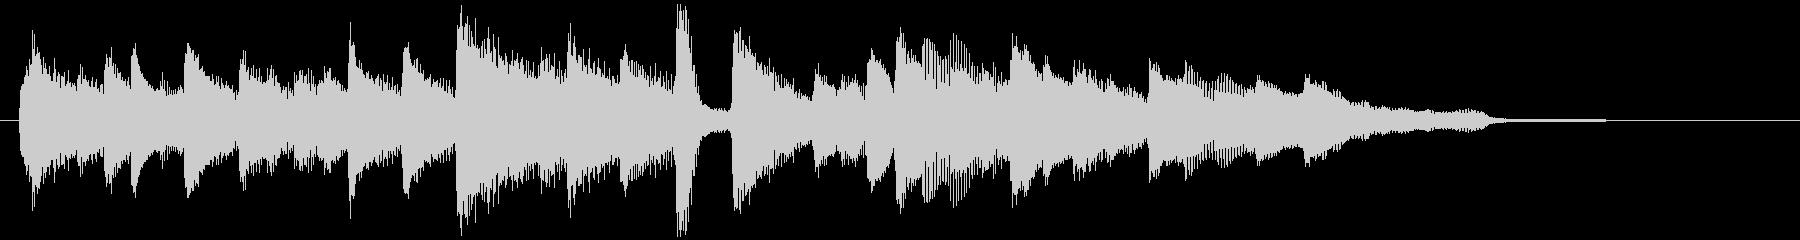 落ち着きのあるピアノバラードの未再生の波形